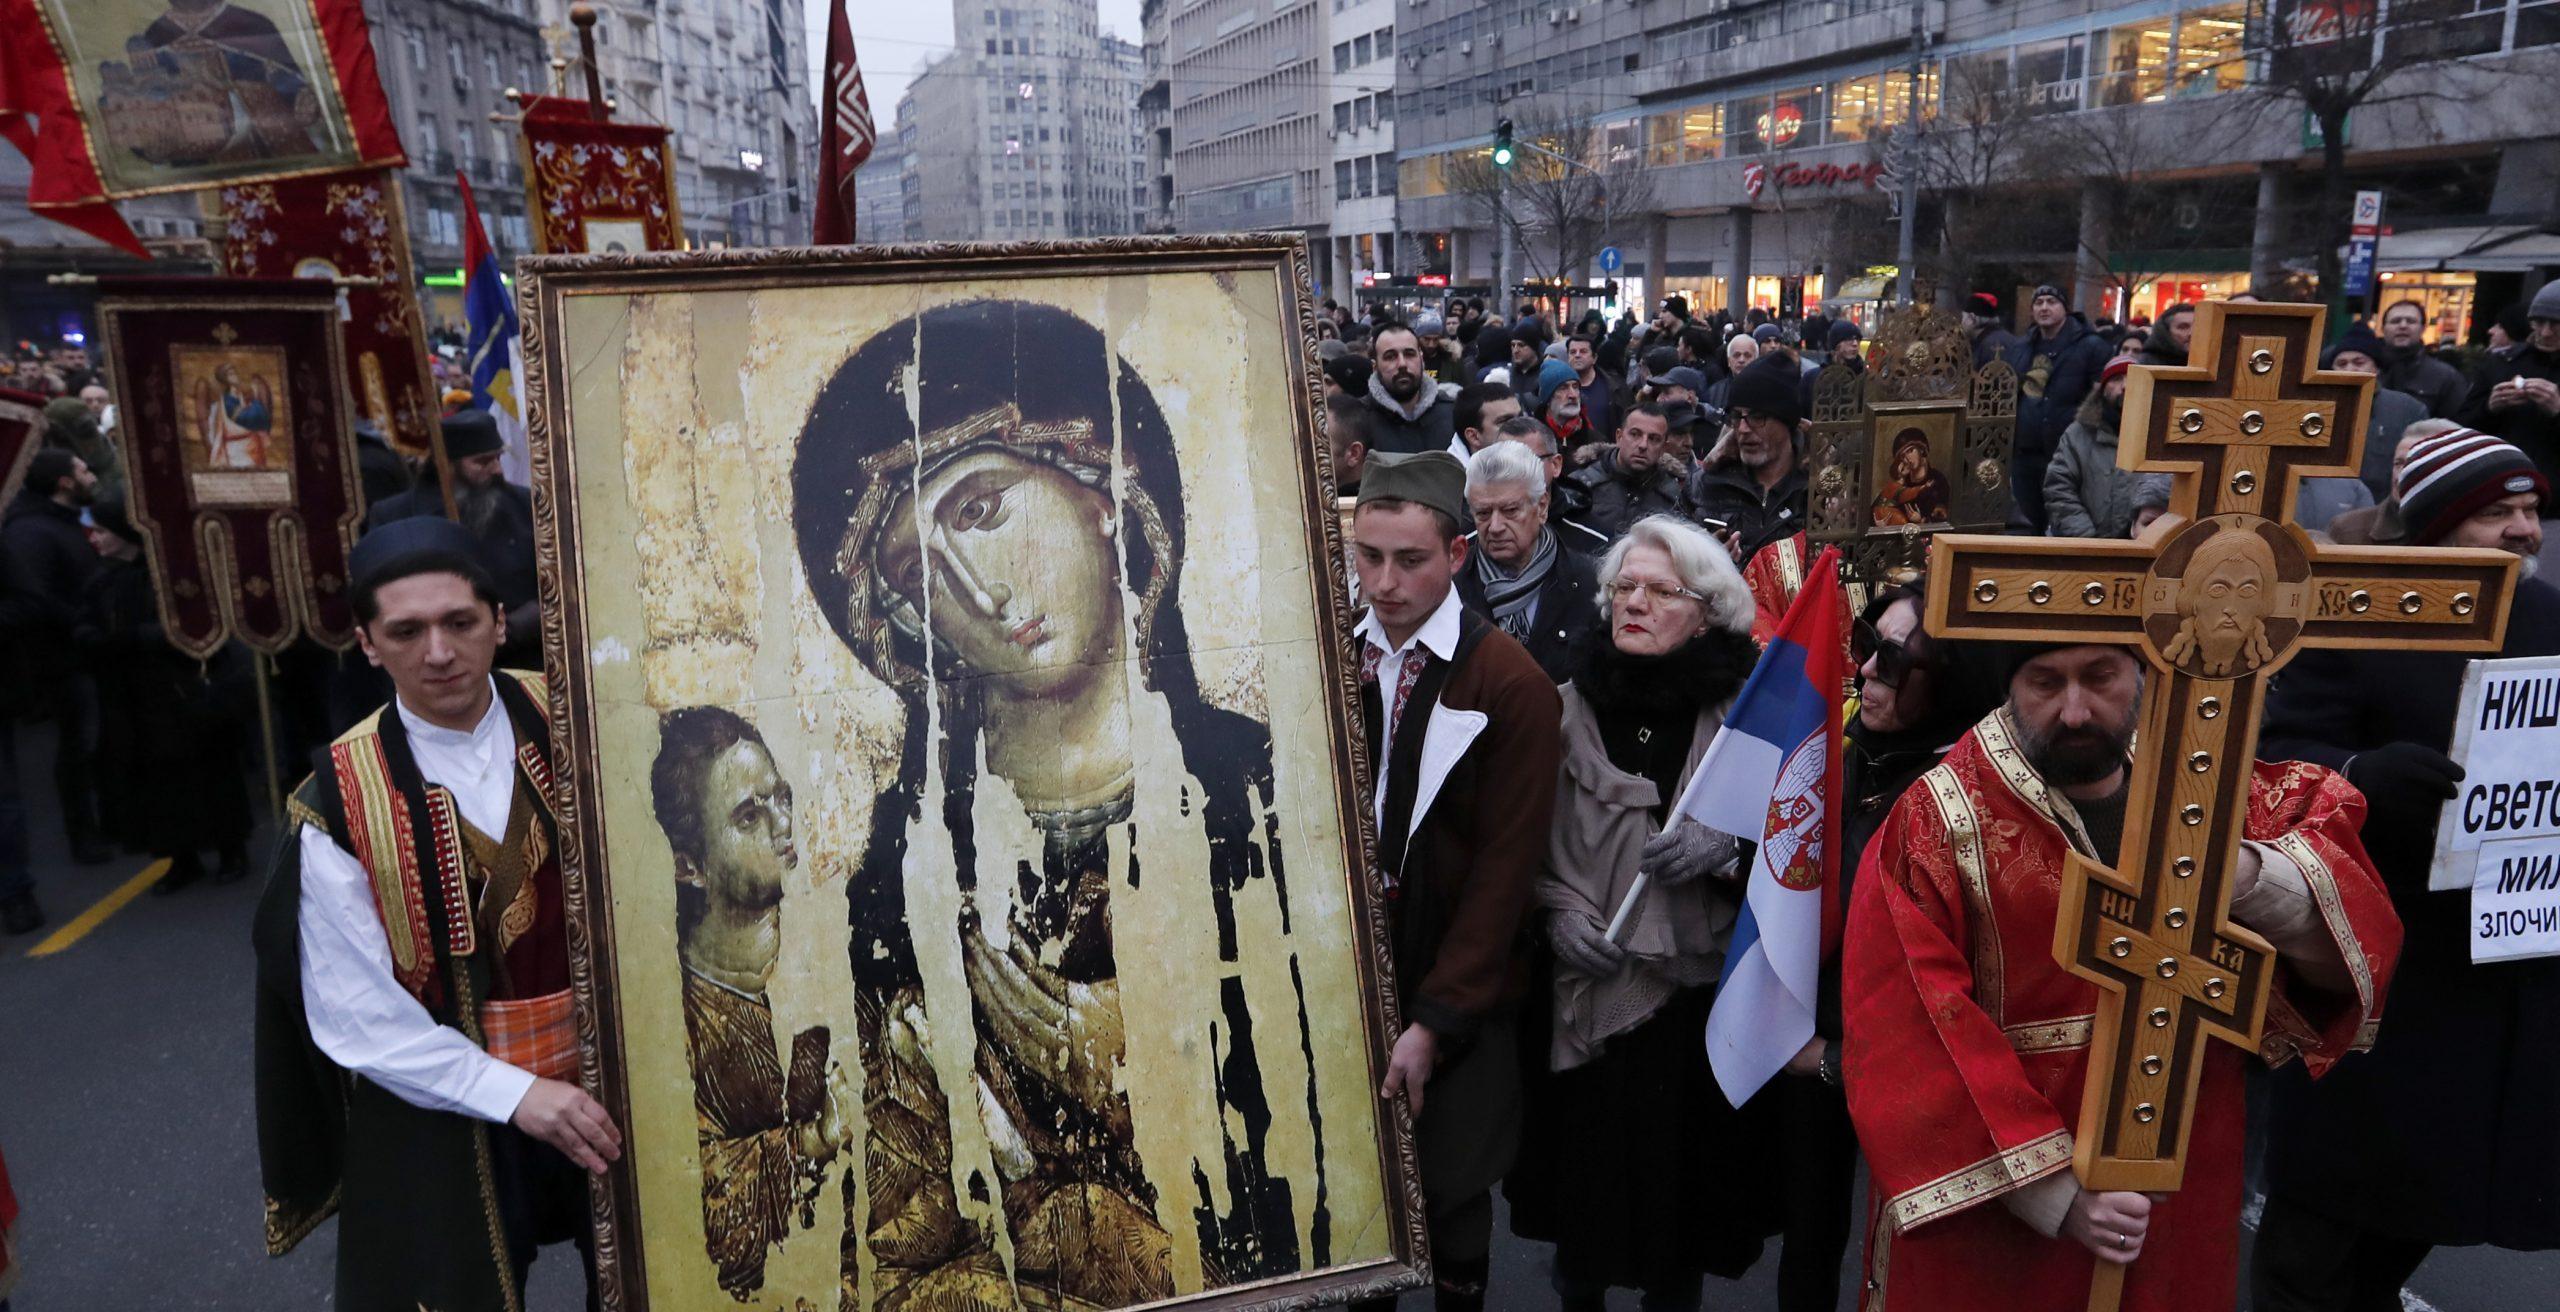 Lo scisma ortodosso rischia di travolgere la Serbia